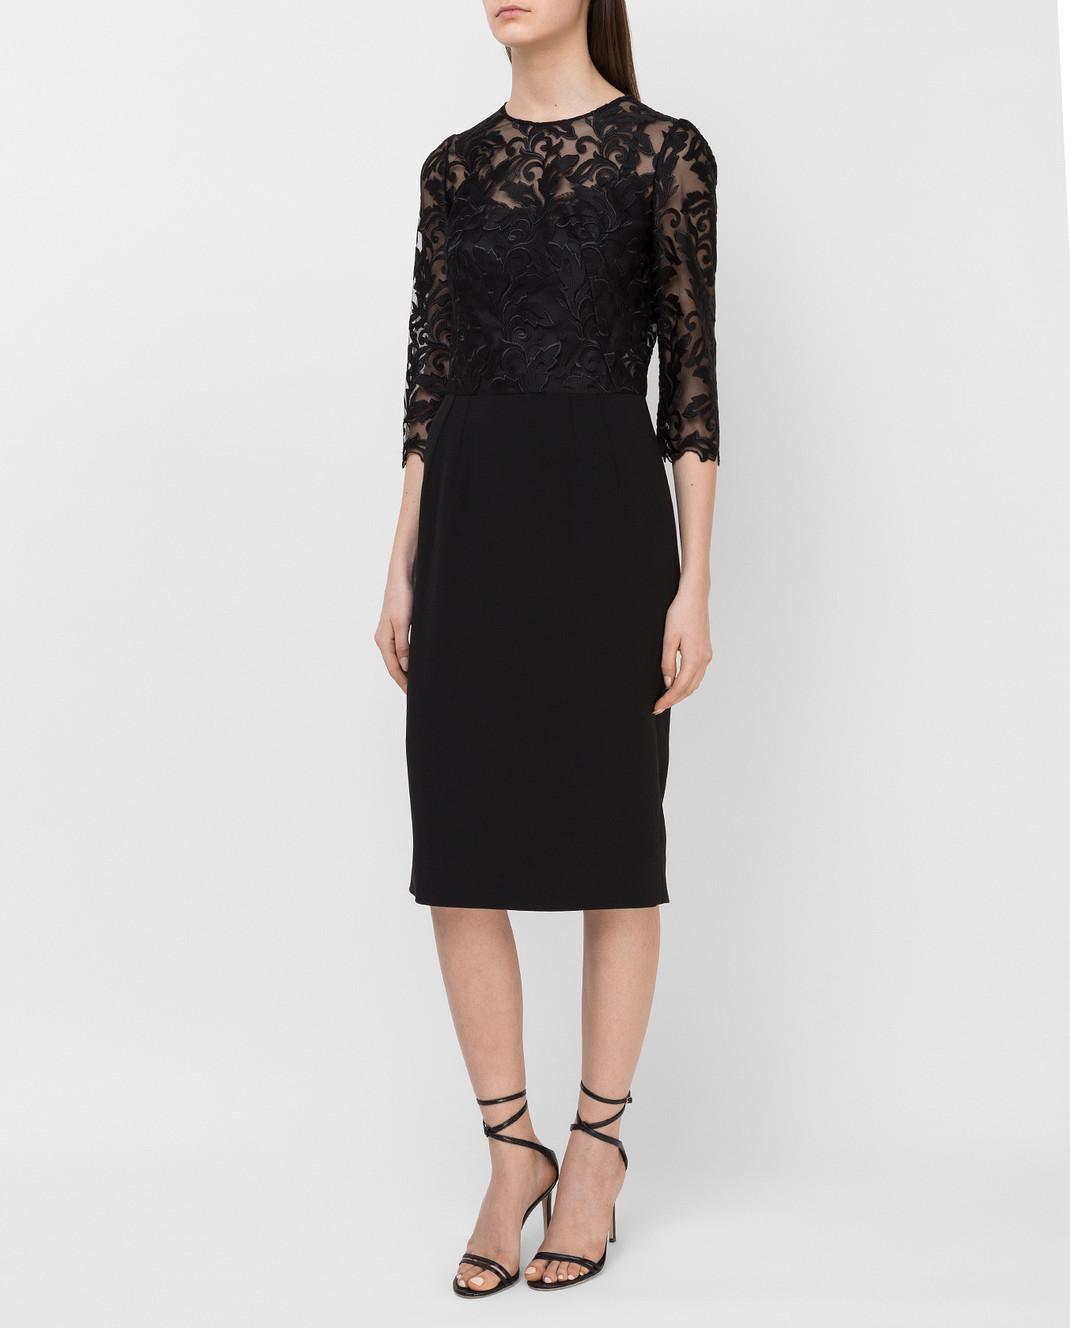 Dolce&Gabbana Черное платье F6VV0TFURDV изображение 3